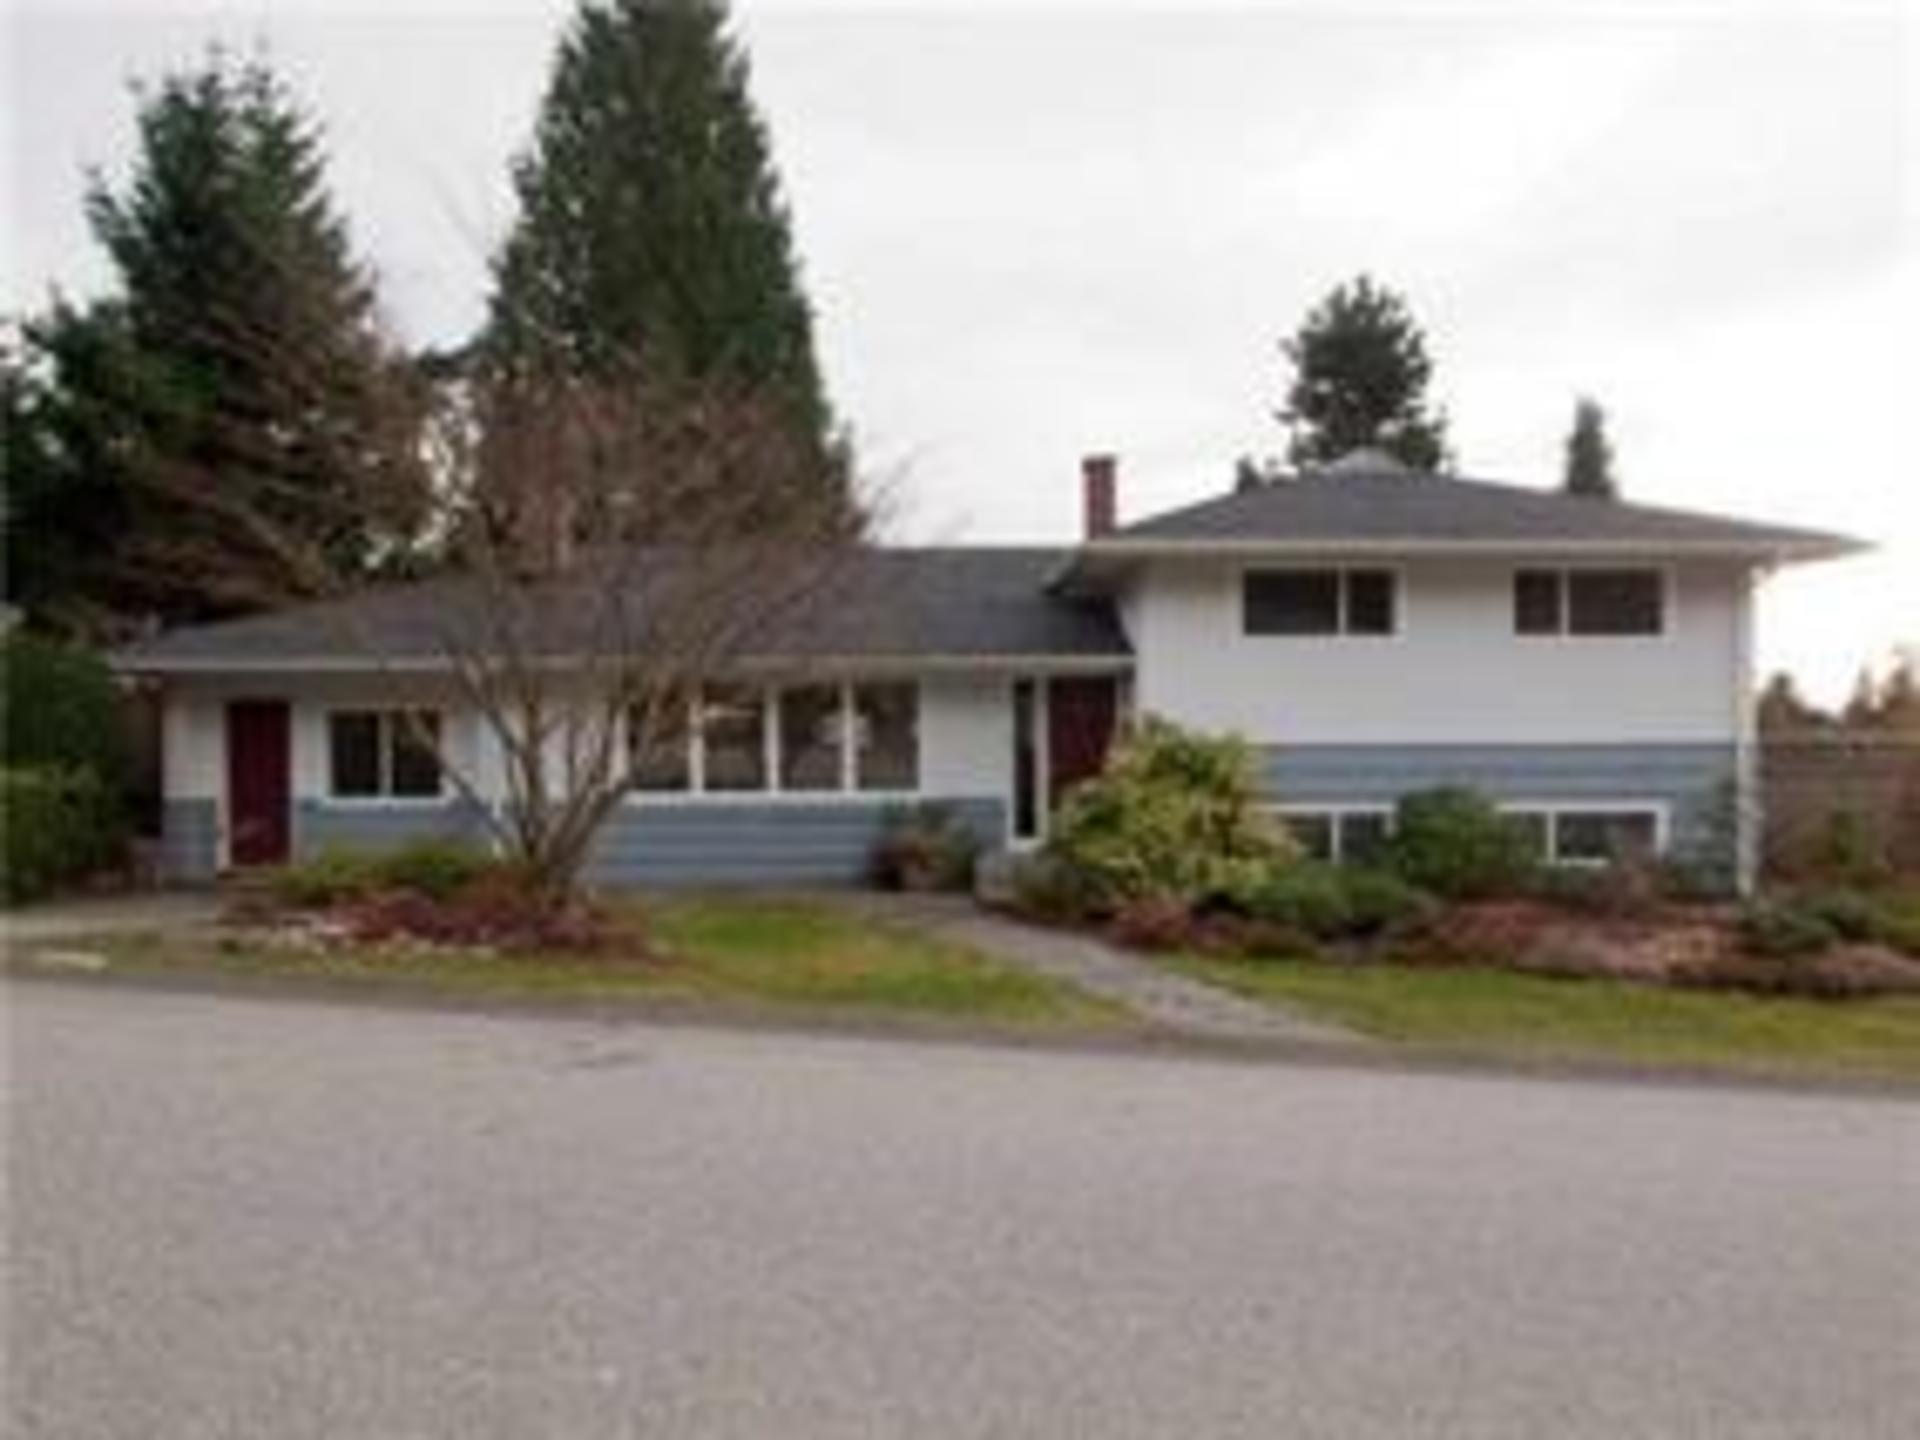 915 Handsworth Road, Forest Hills NV, North Vancouver